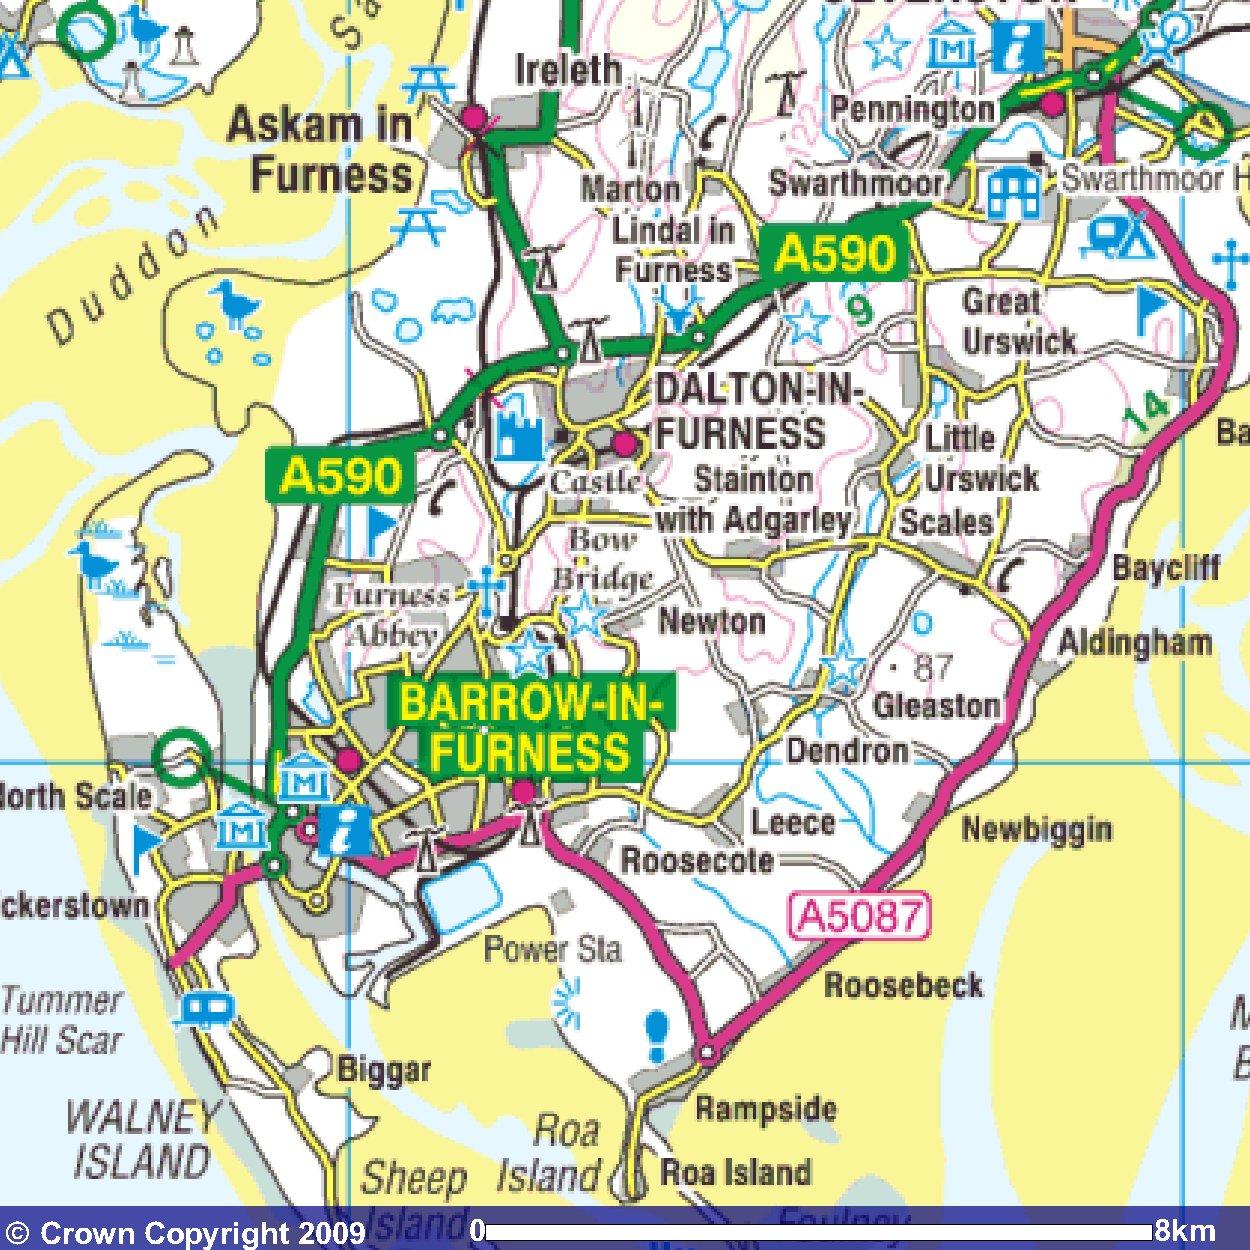 Ordnance Survey Get a Map Old Ordnance Survey Get-a-map